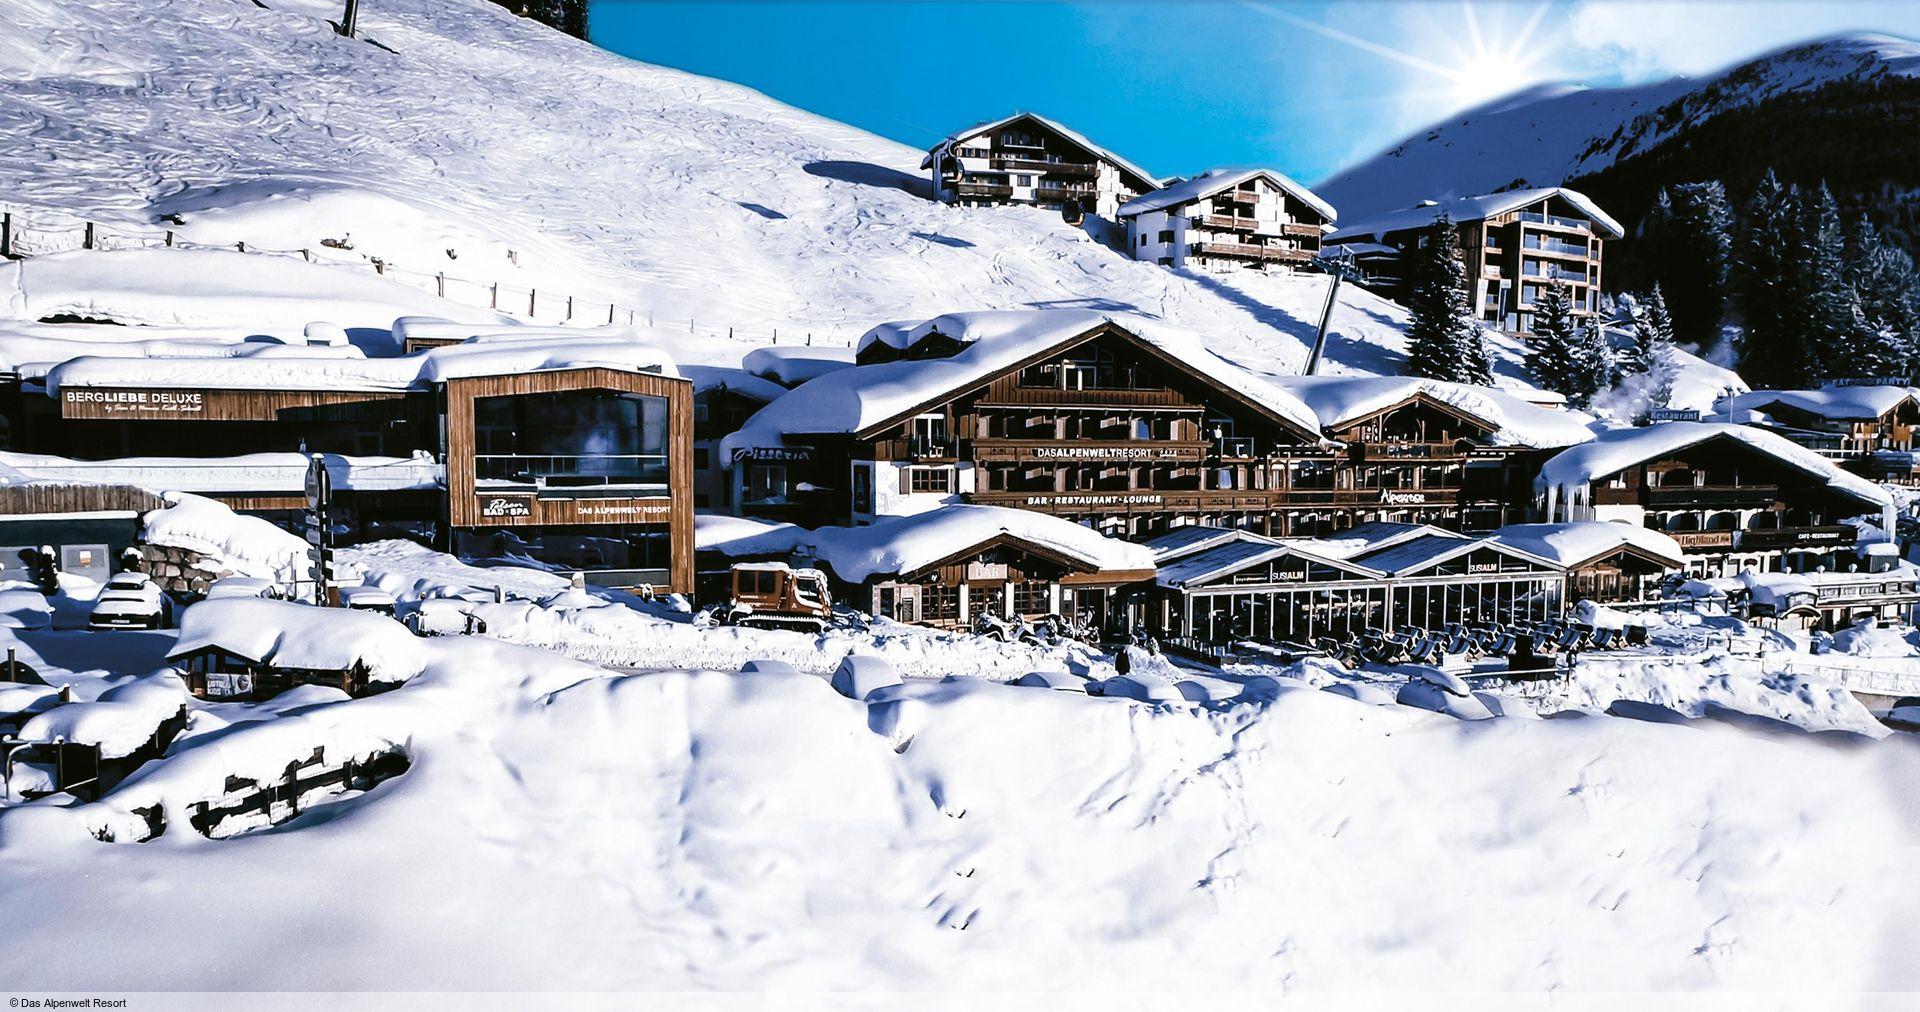 alpenwelt resort konigsleiten